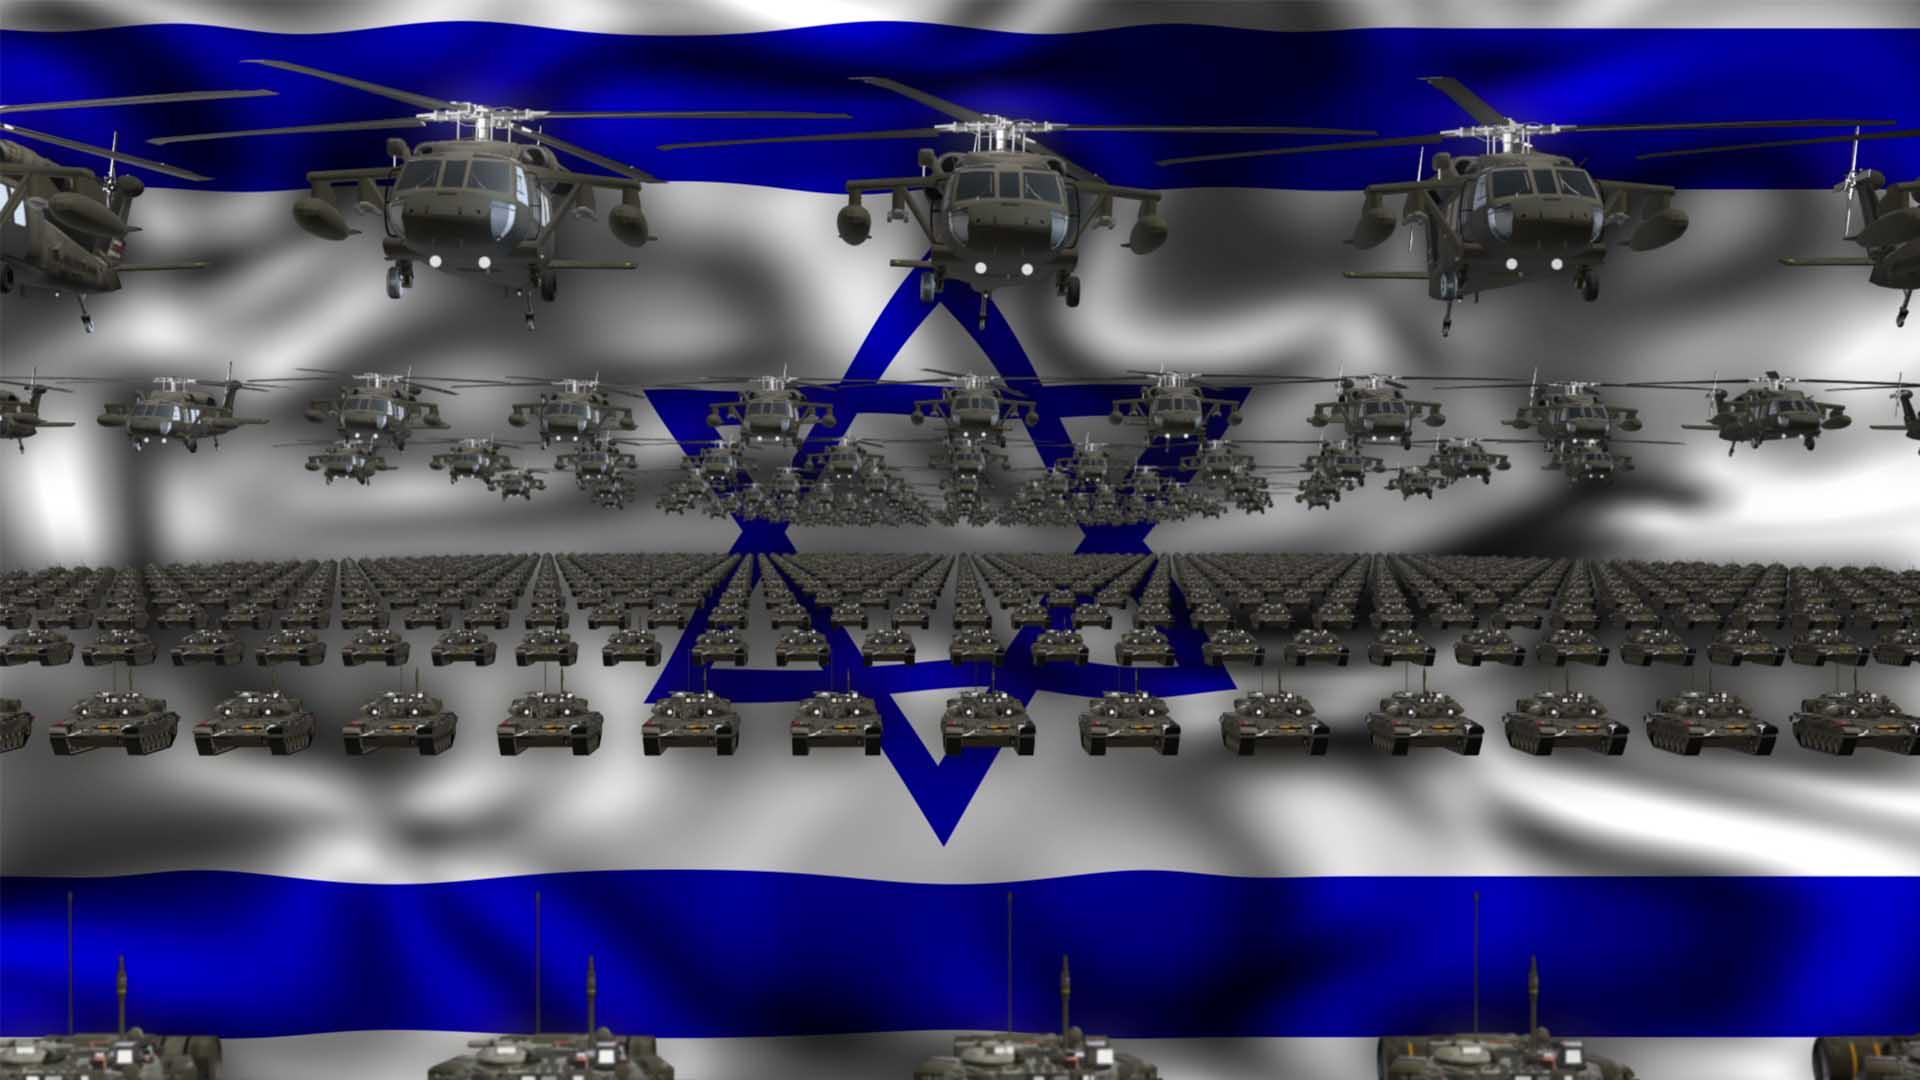 Israel video background vj loop